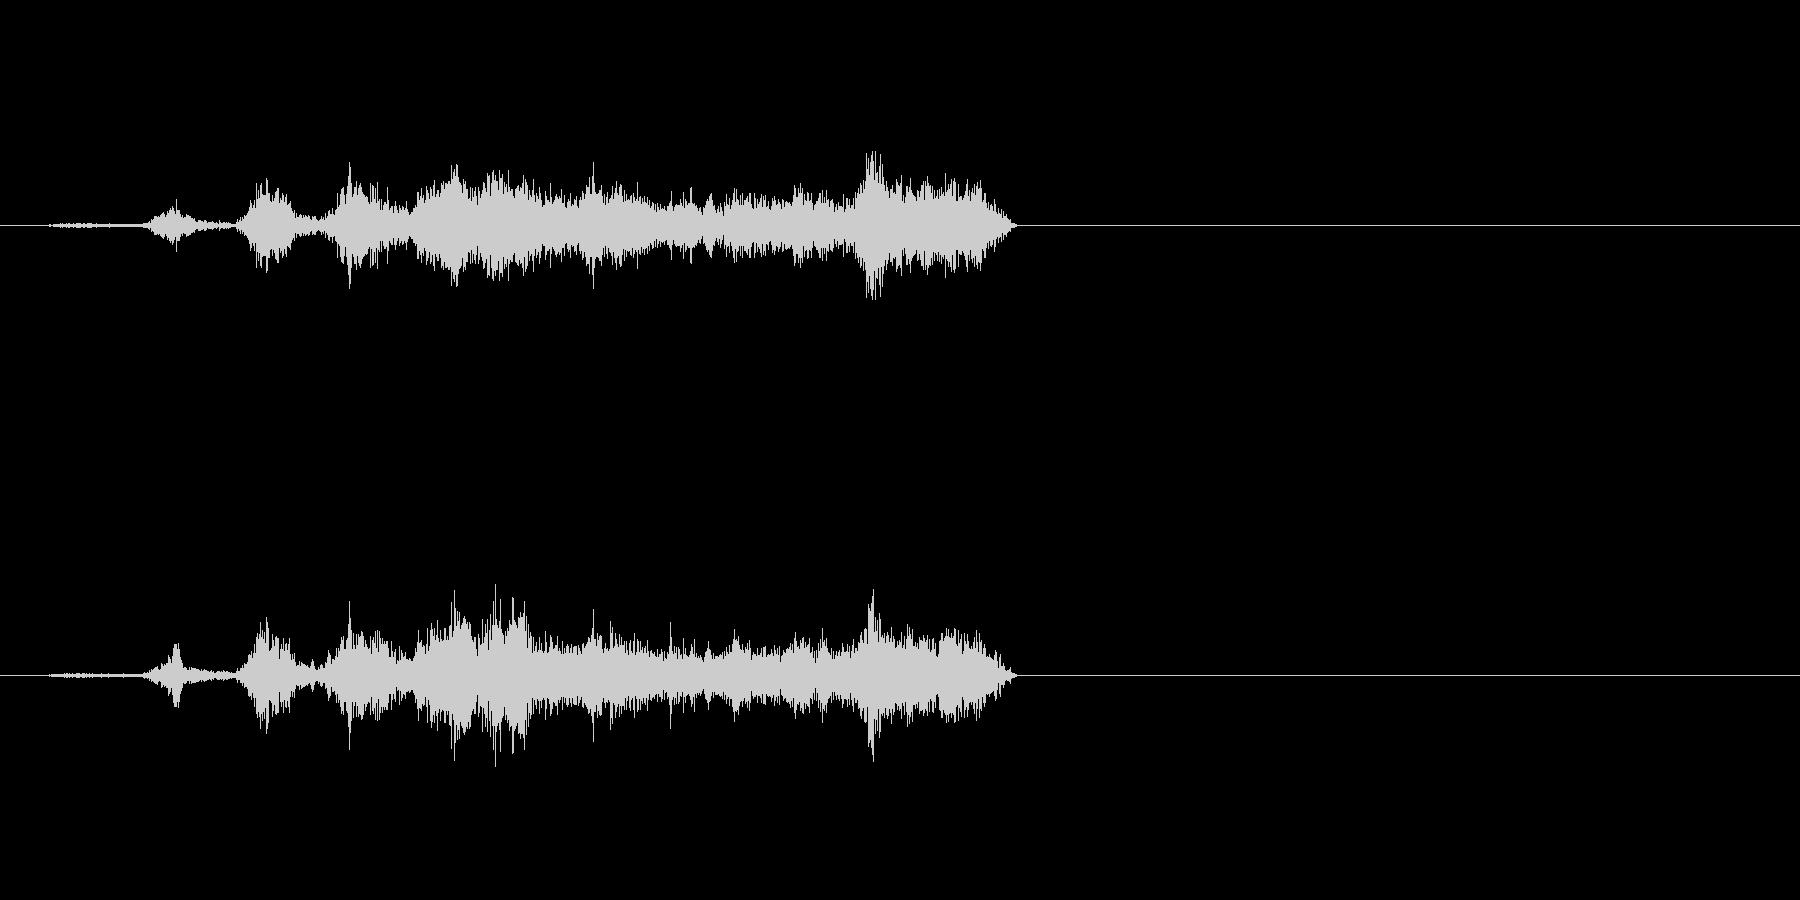 生音 三味線 コスリ 揺らしながらダウンの未再生の波形